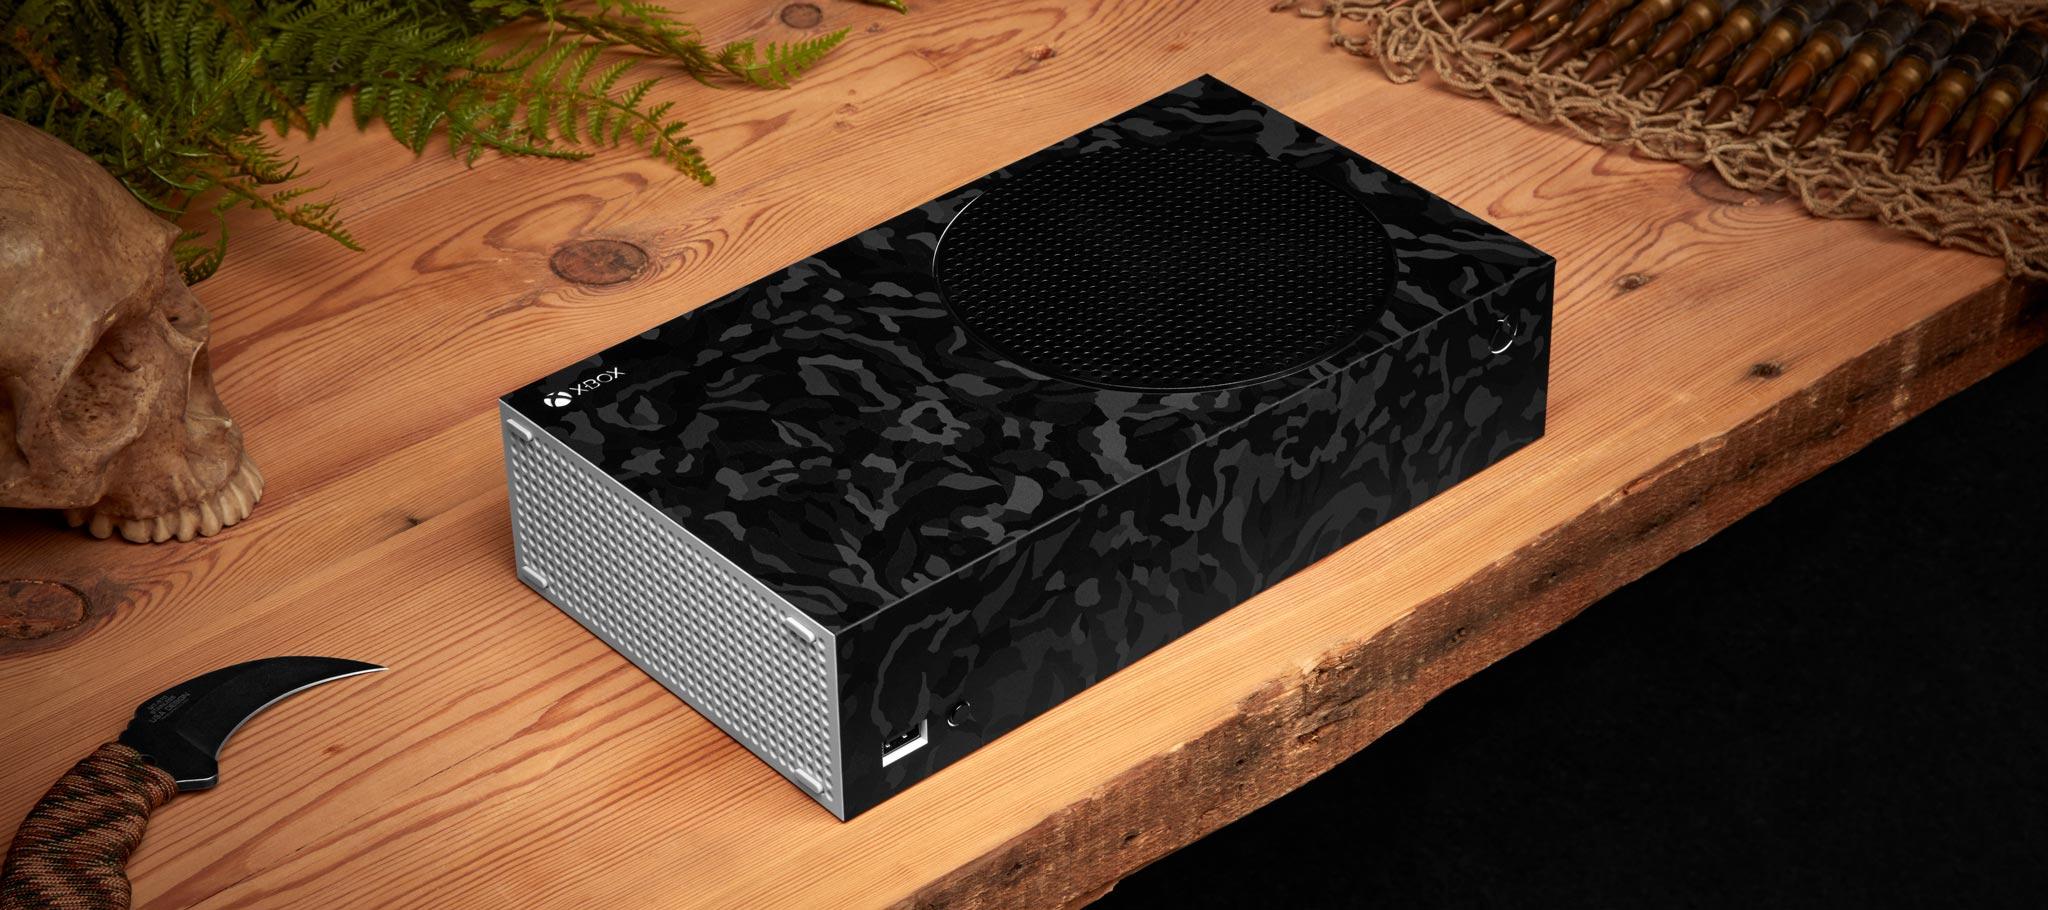 Maintenant, on va parler des SURFACES, mais j'illustre encore avec une Xbox Series S